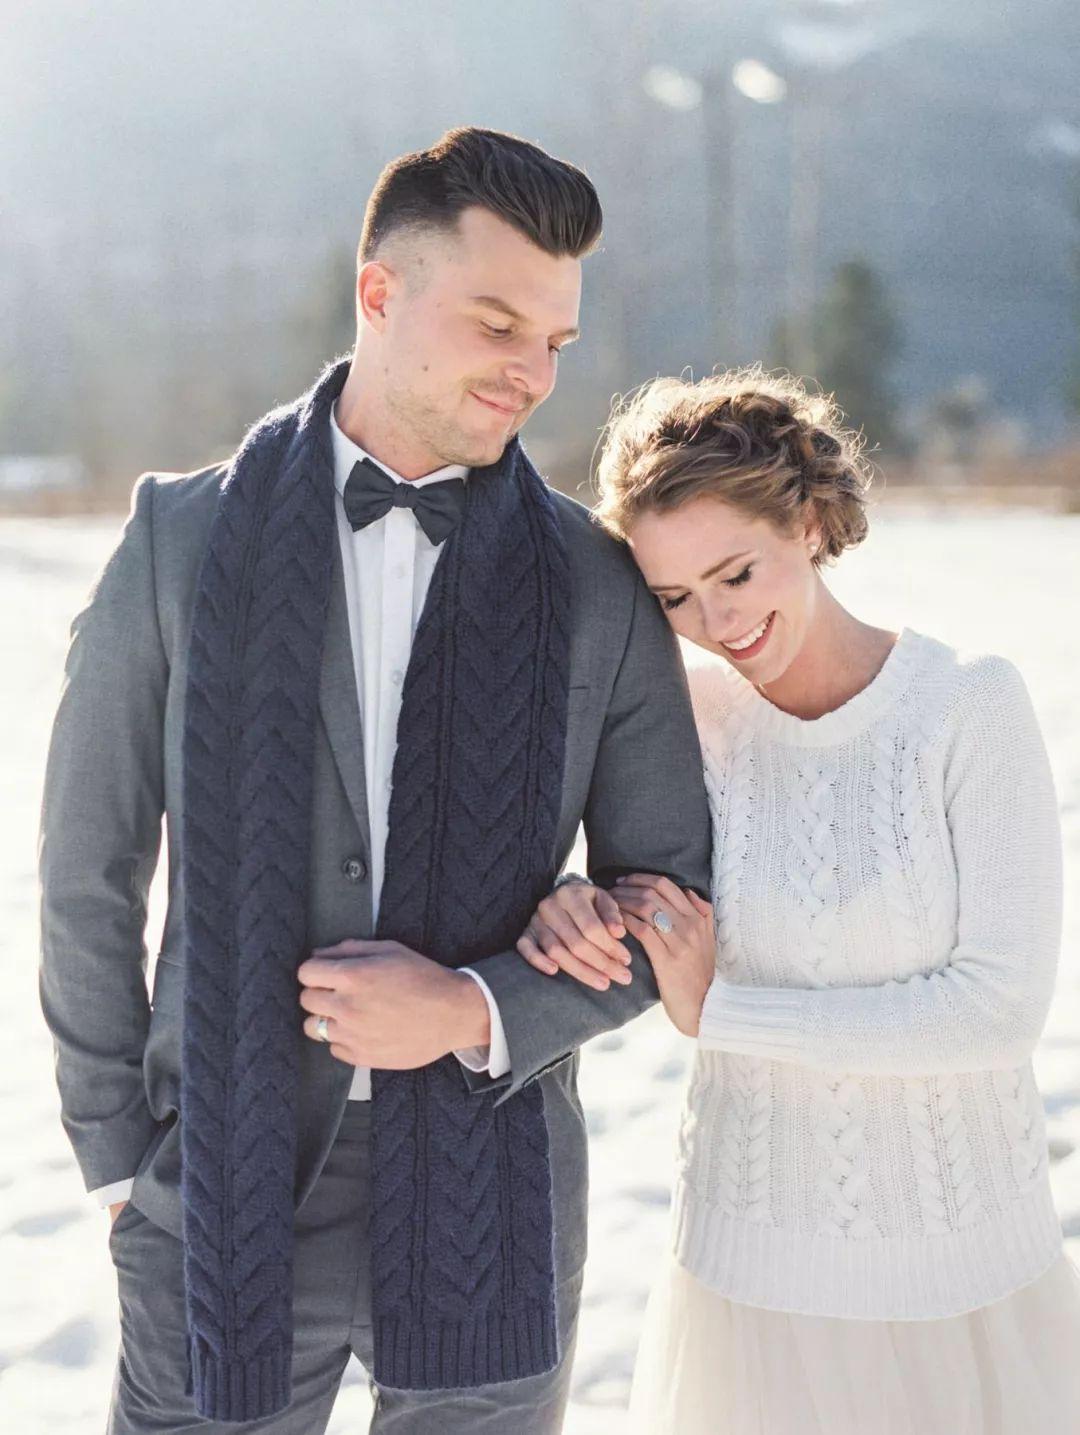 向冷氛围势利抬头 我能穿件毛衣去完婚吗?